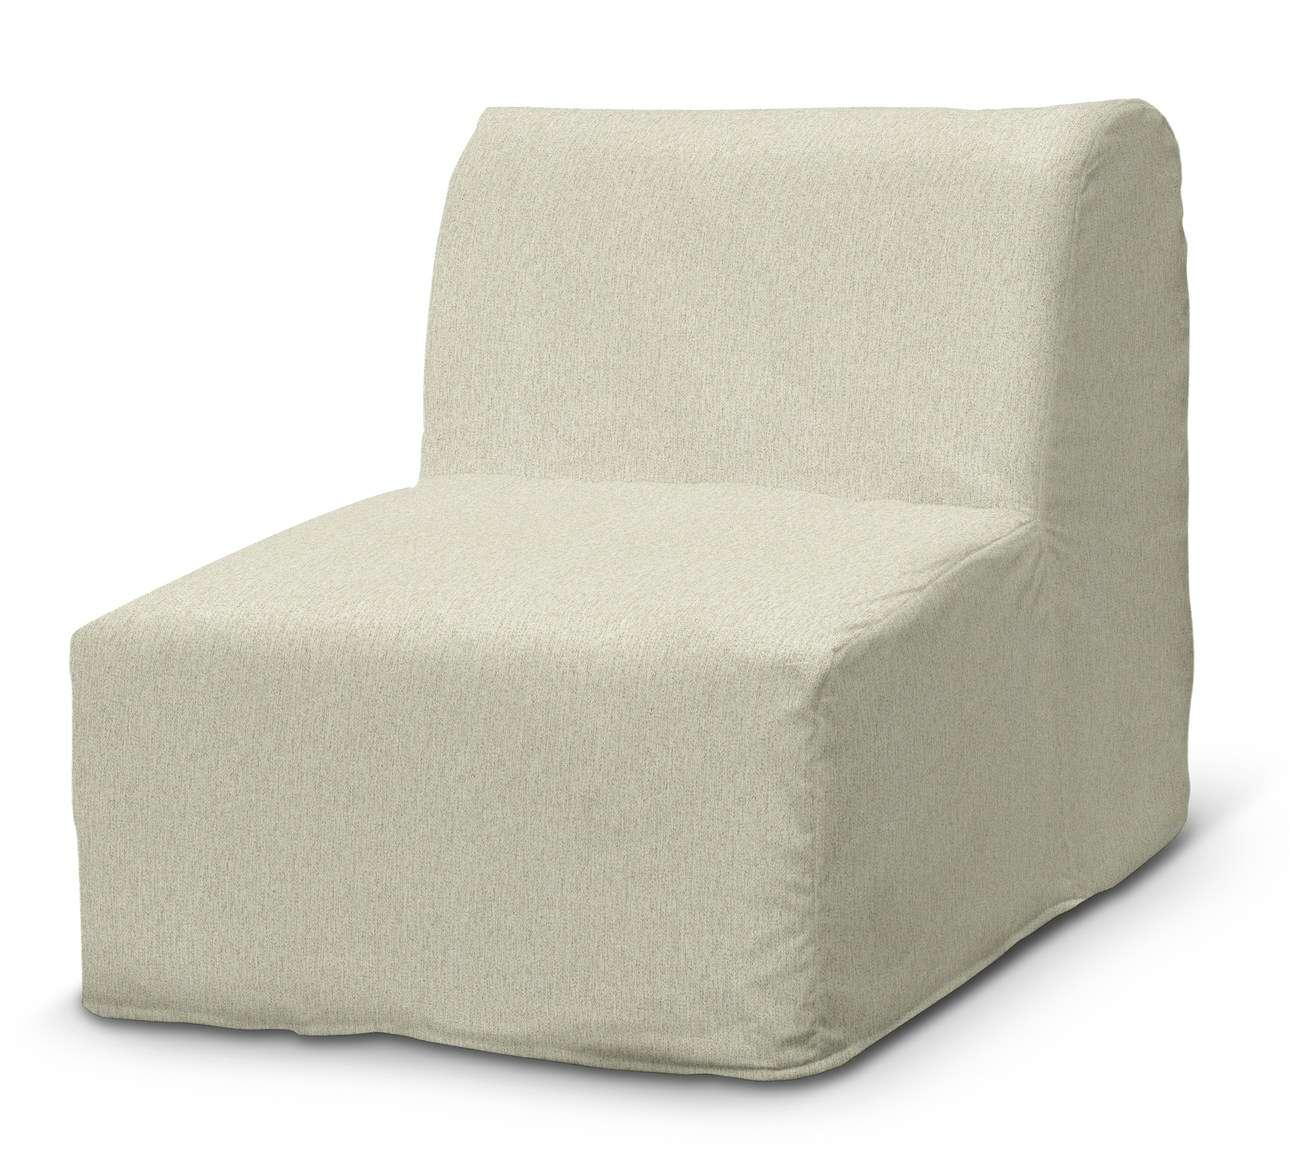 Pokrowiec na fotel Lycksele prosty w kolekcji Living, tkanina: 161-62